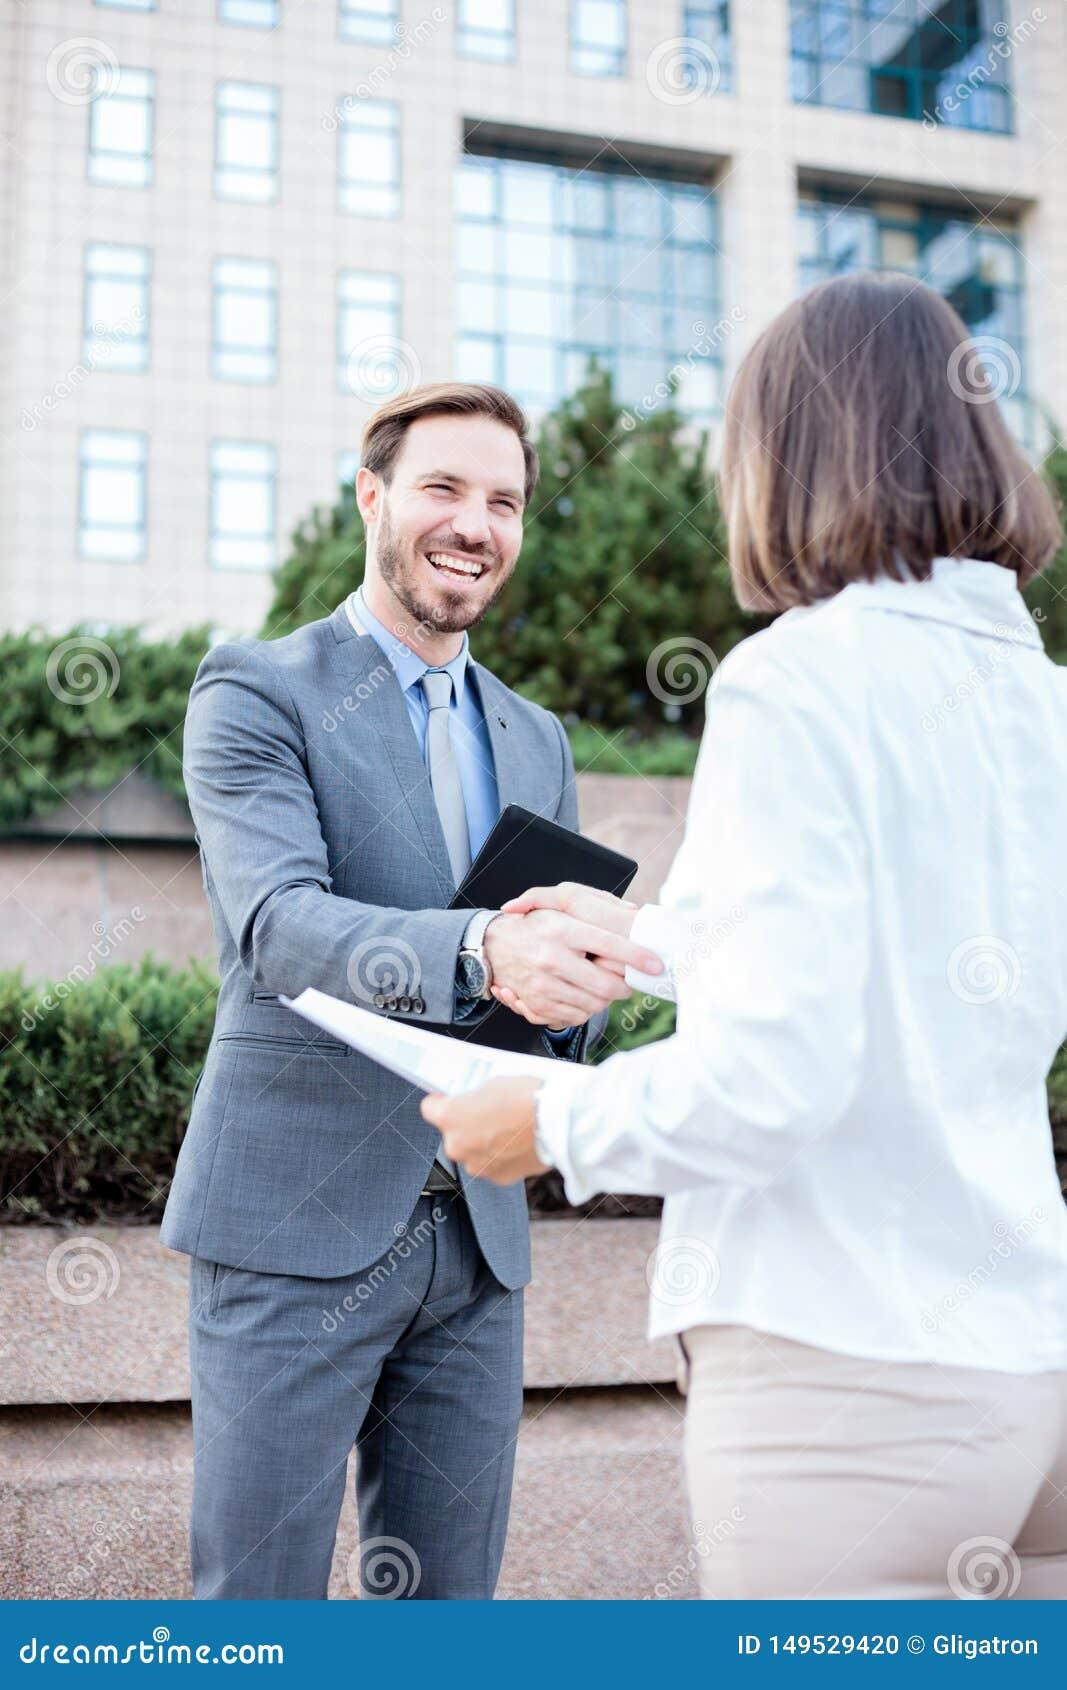 Junge weibliche und männliche Geschäftsleute, die Hände nach einer erfolgreichen Sitzung vor einem Bürogebäude rütteln